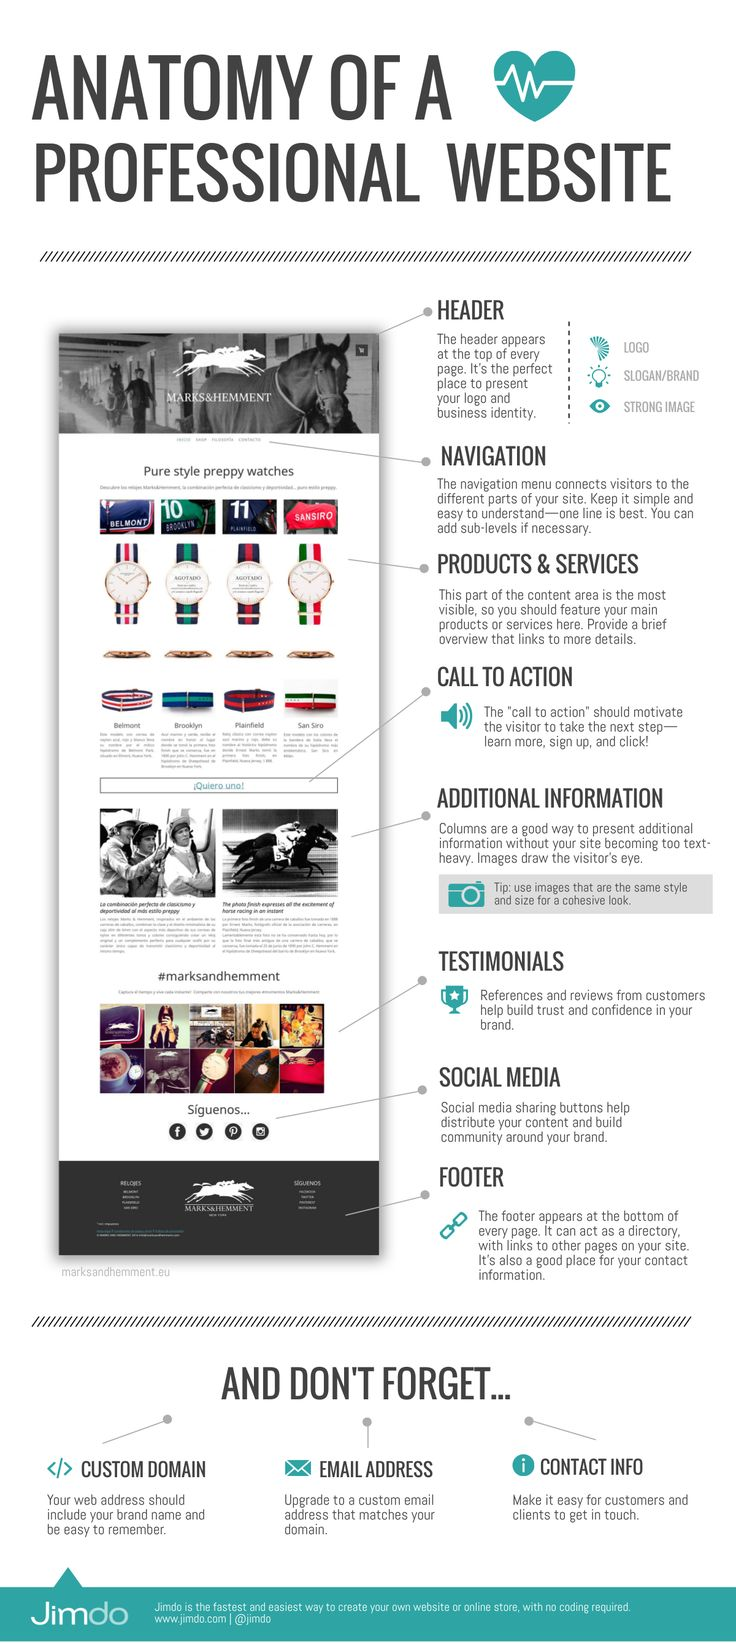 Anatomy of A Professional Website - Jimdo.com